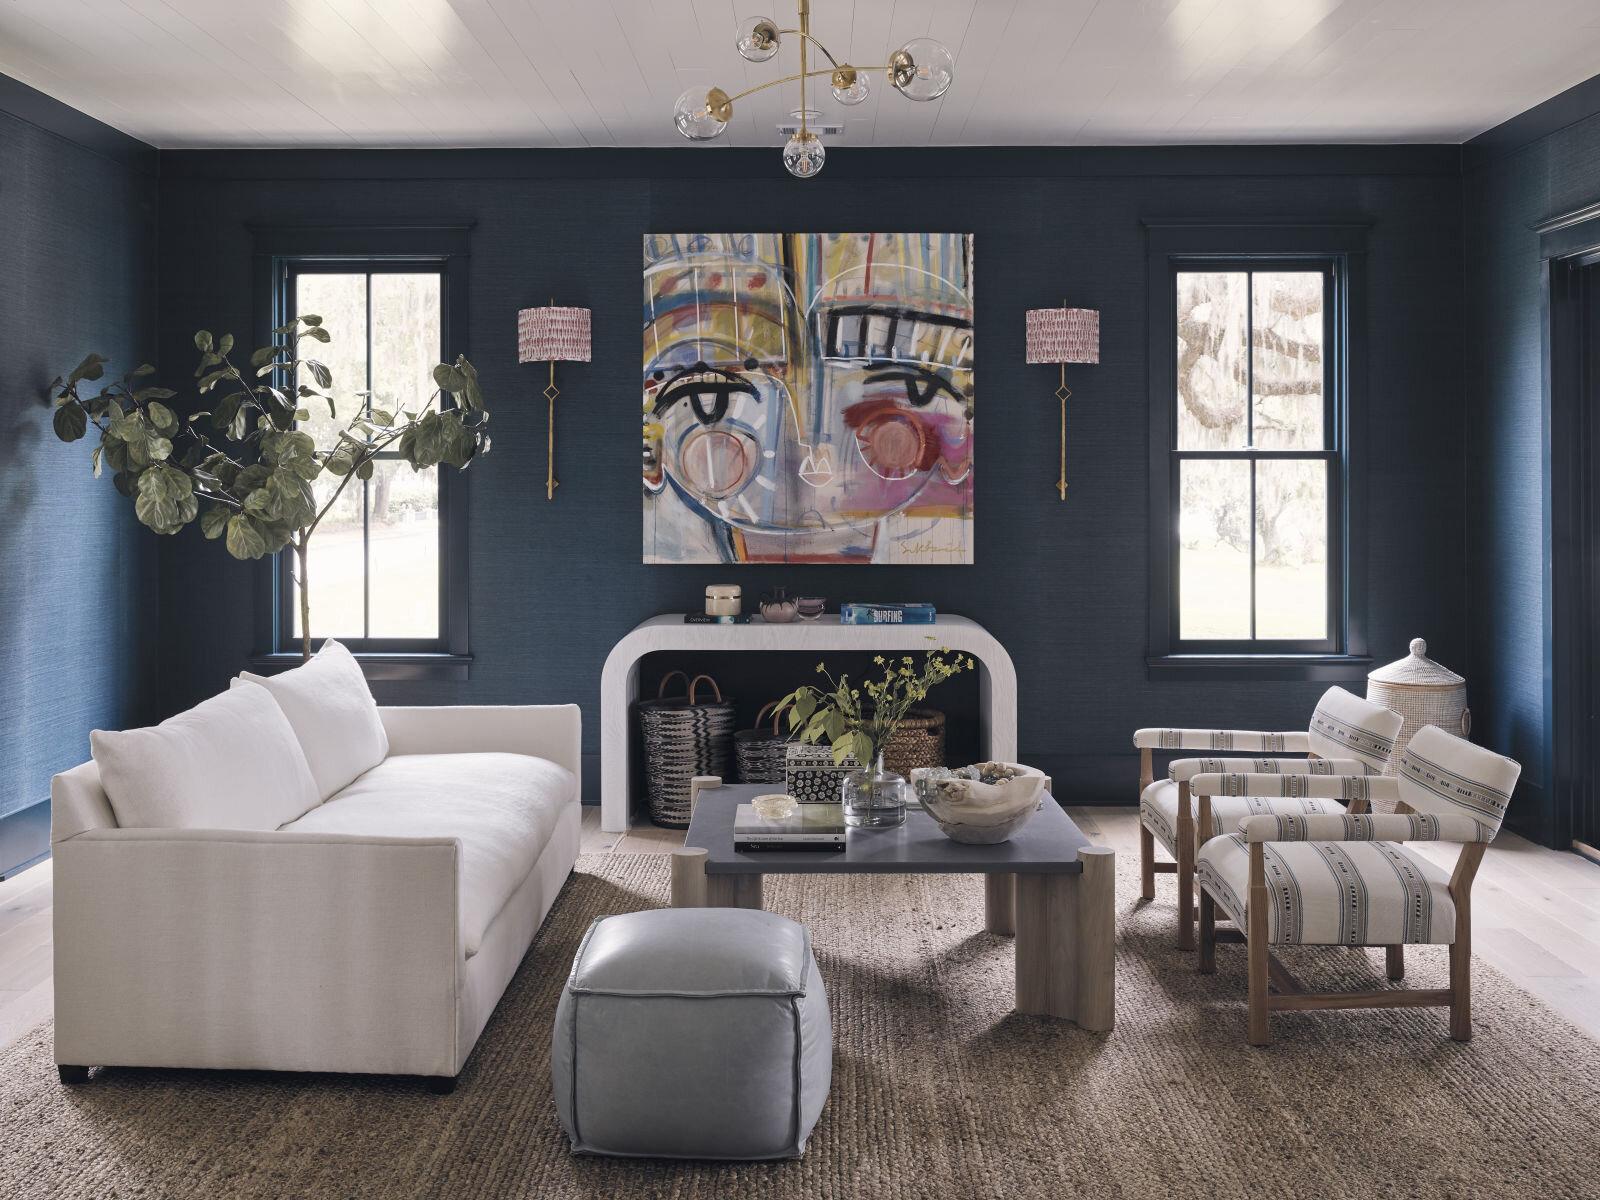 LeeIndustries_livingroom.jpg